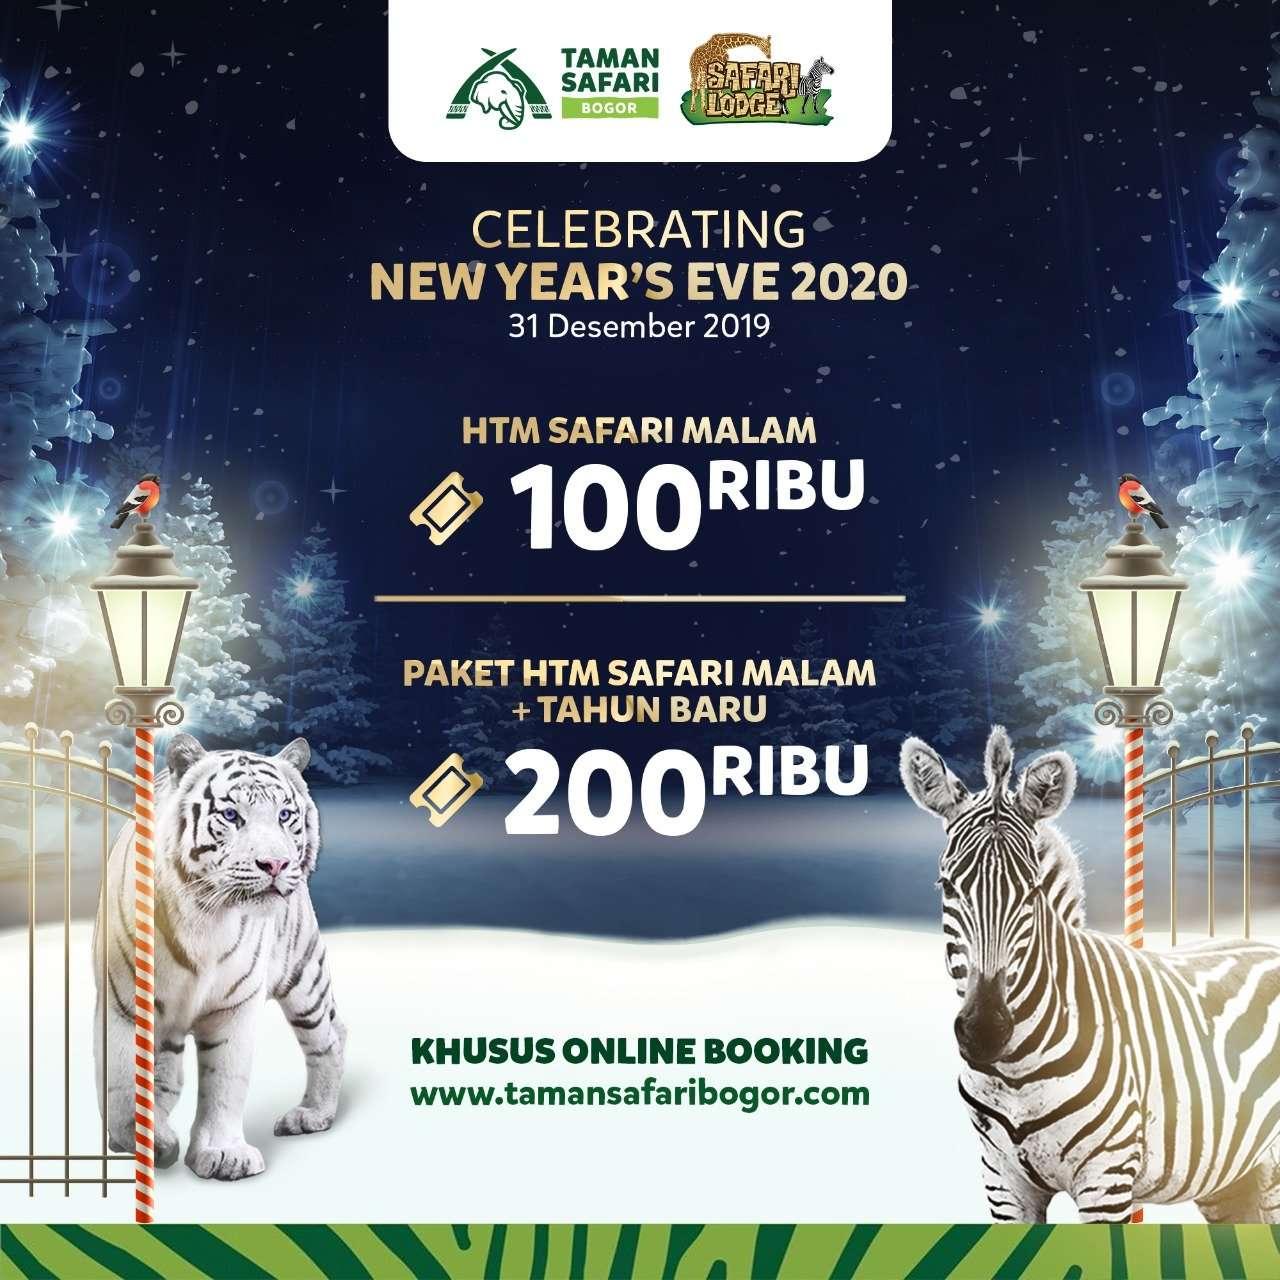 Taman Safari Promo Malam Tahun Baruan, HTM Mulai Rp. 100 Ribu!